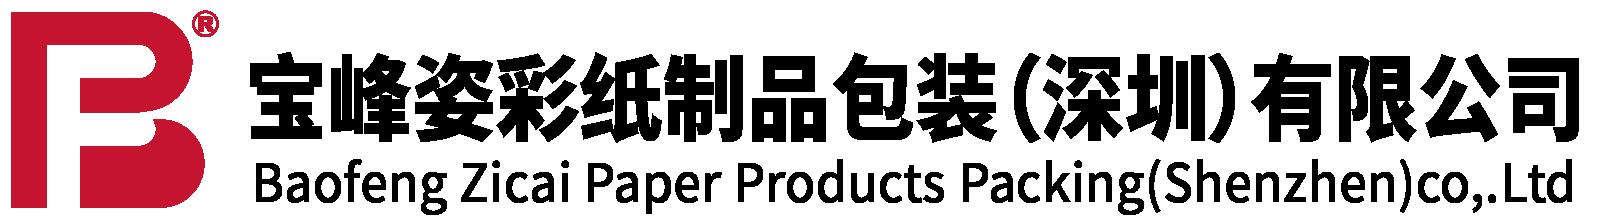 宝峰姿彩纸制品包装(深圳)有限公司